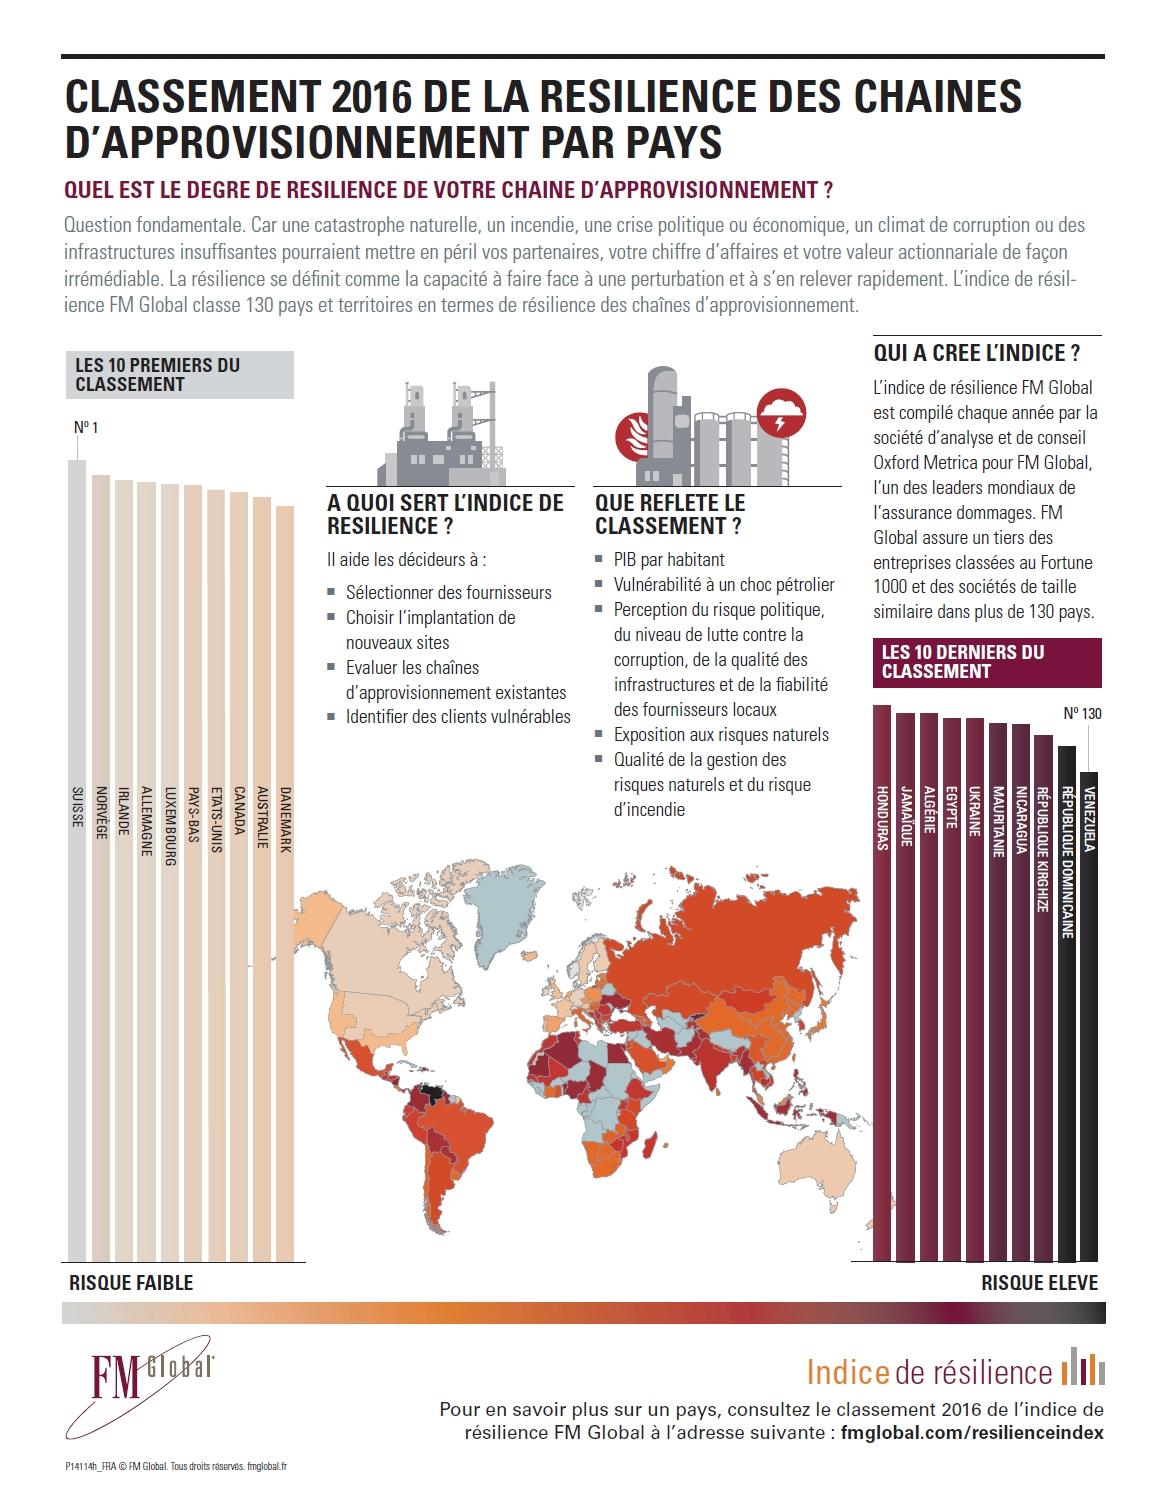 Préoccupations majeures des CFO : cours du pétrole et menace terroriste